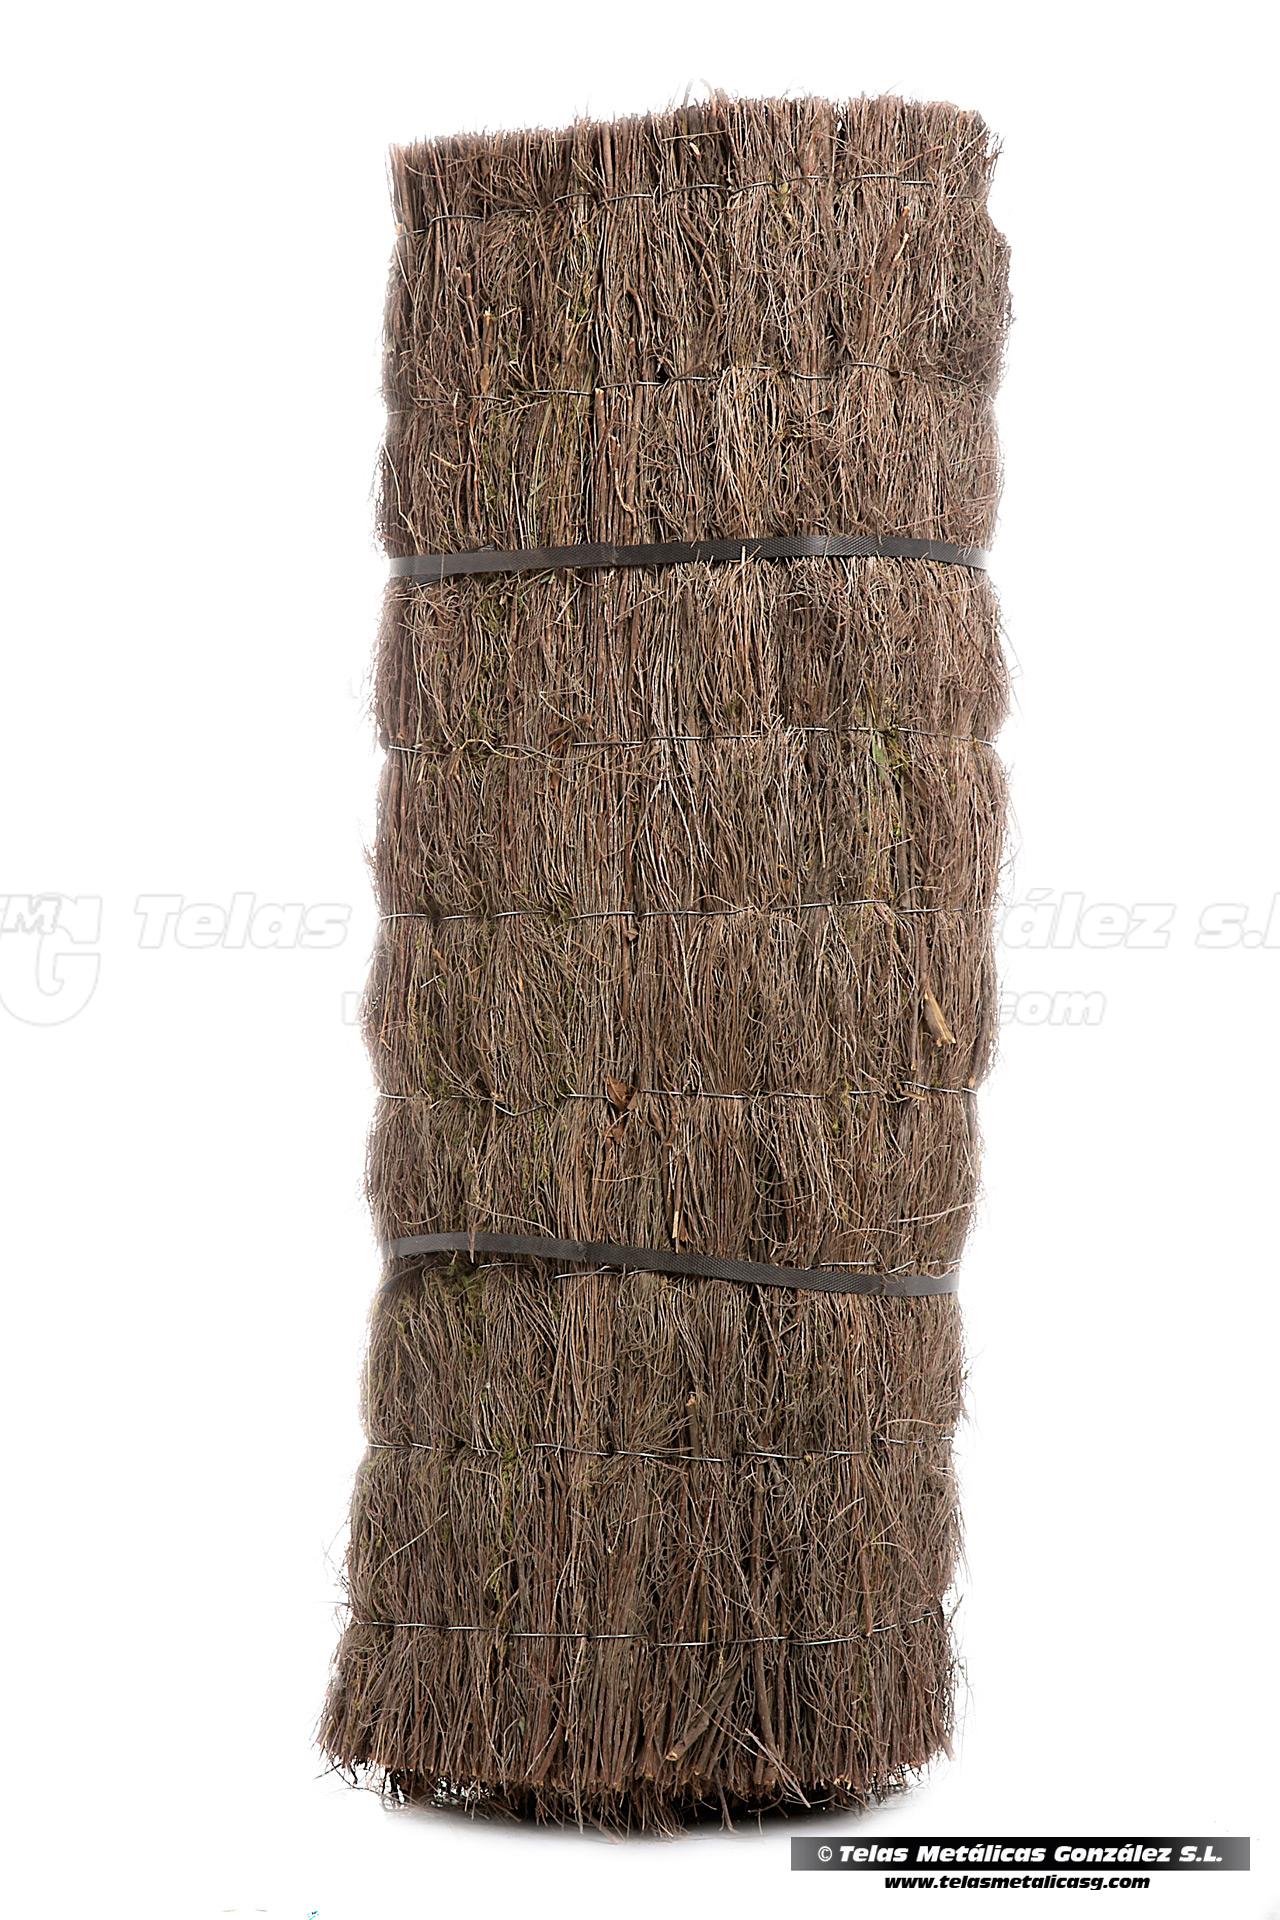 Telas met licas gonz lez brezo artificial 100 ocultaci n - Malla ocultacion total ...